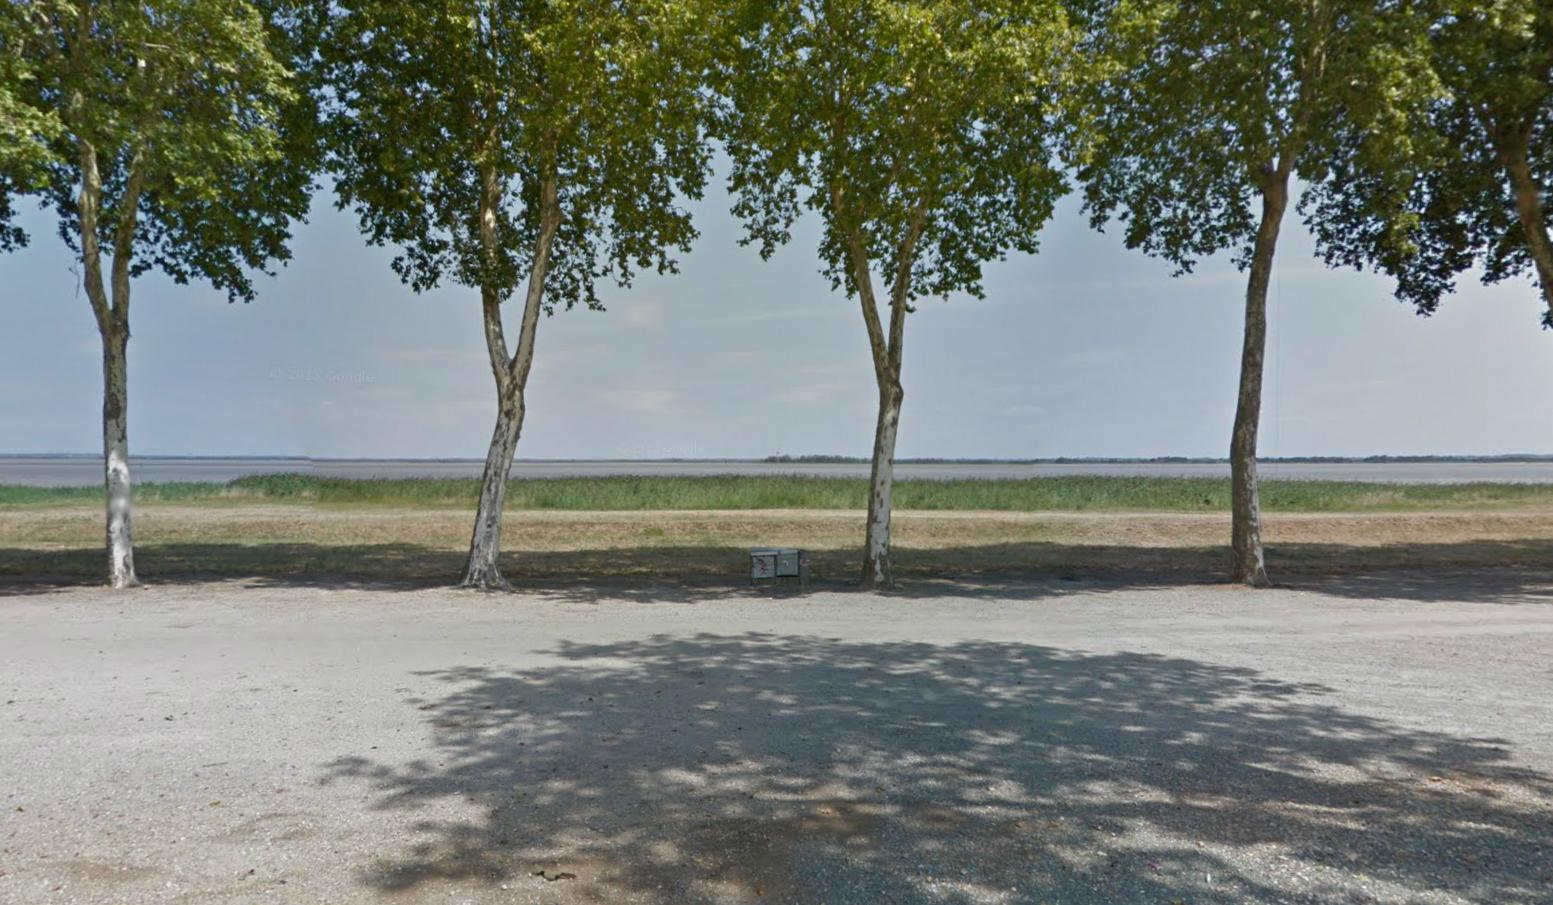 Accompagnement pré-opérationnel aux projets urbains dans le cadre de la mise en œuvre du plan départemental de l'habitat de la Gironde